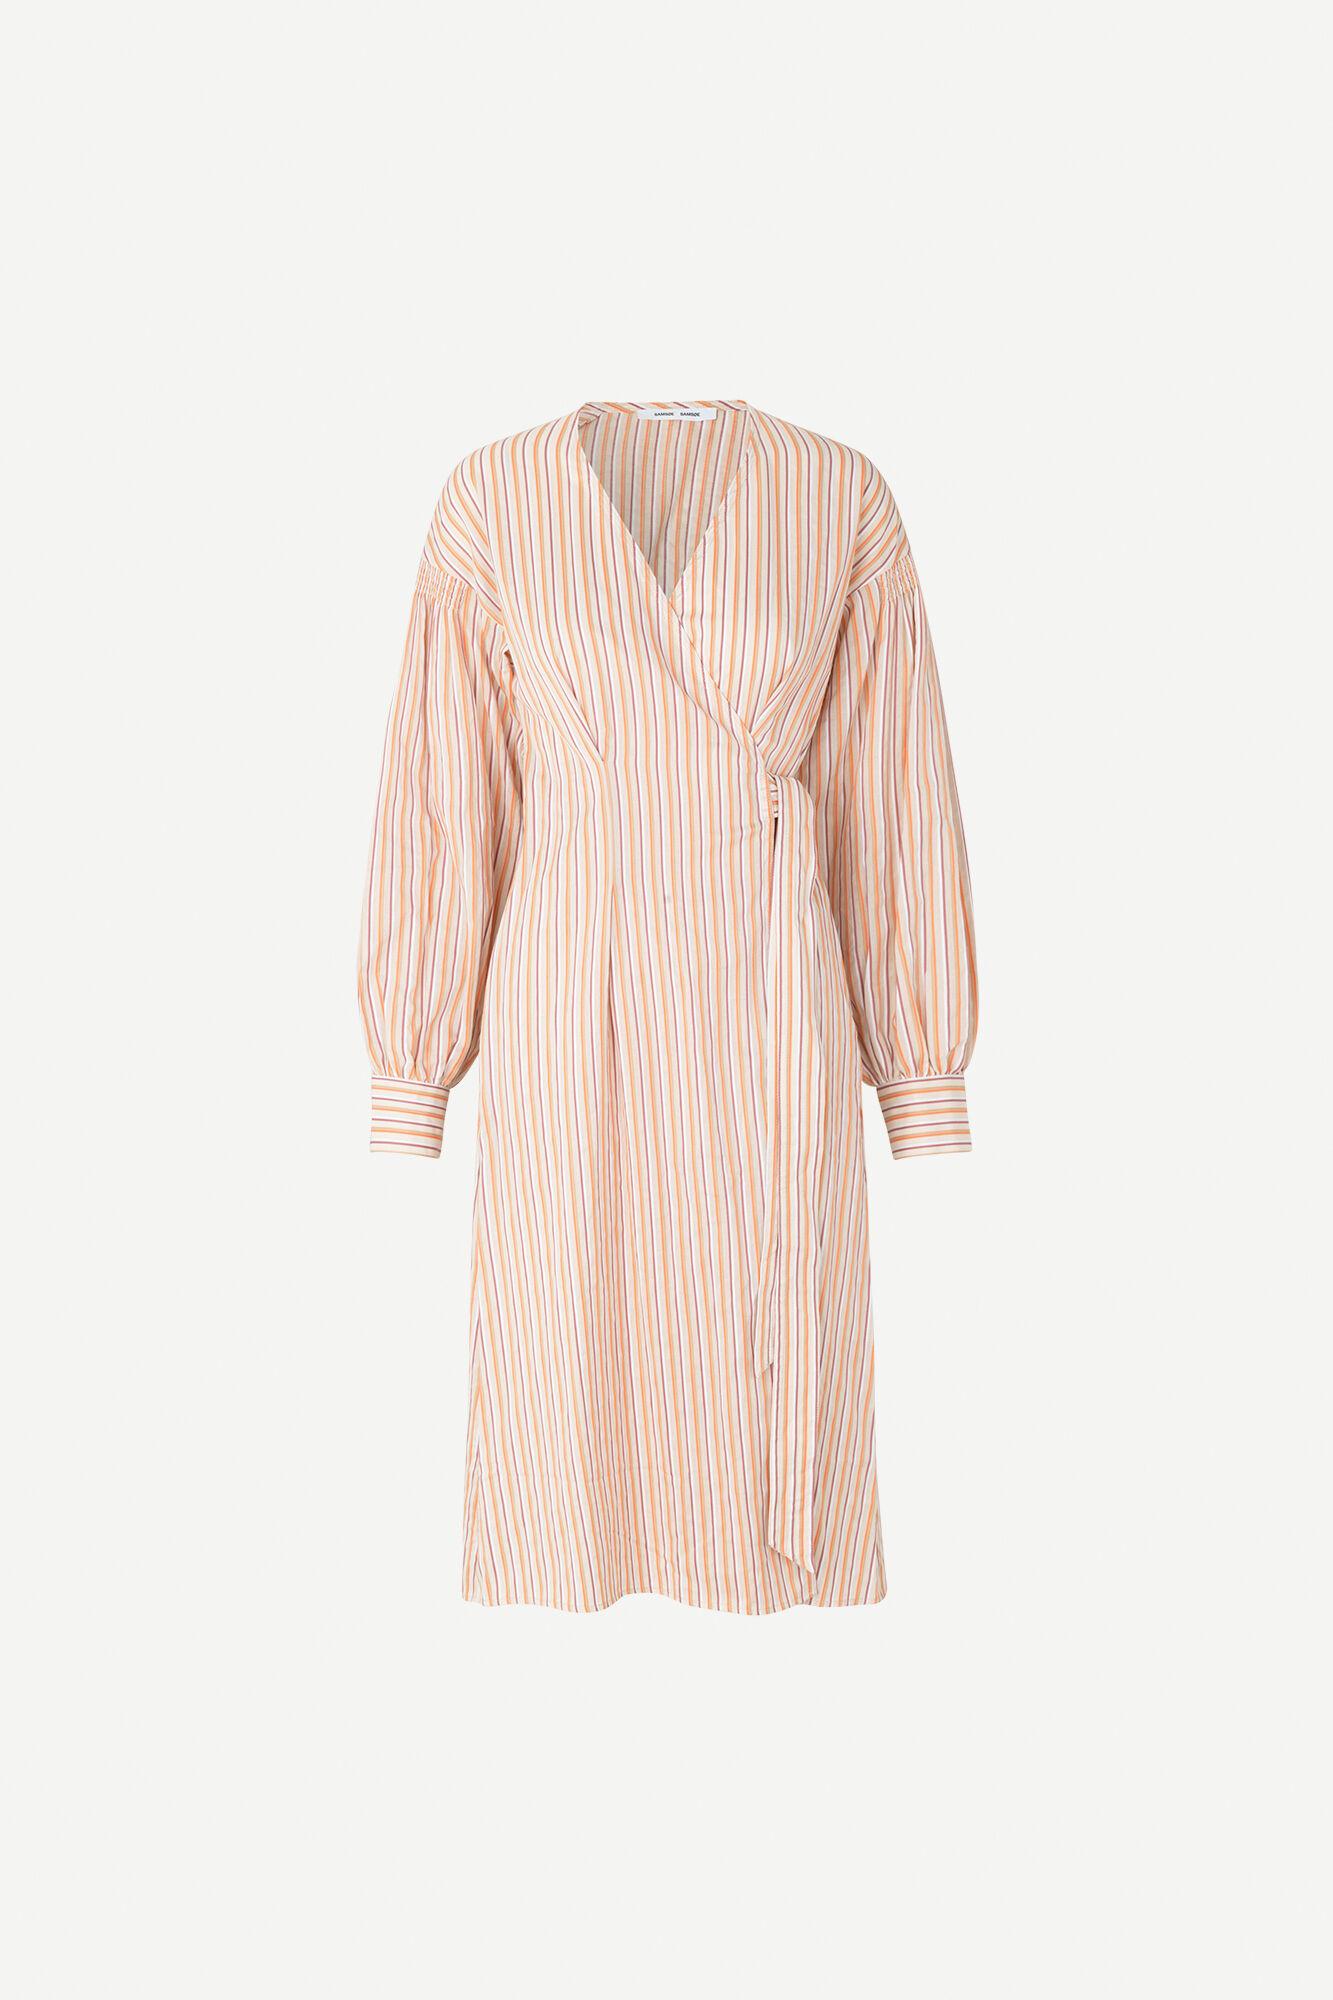 Merrill dress 11458, CORAL ST.